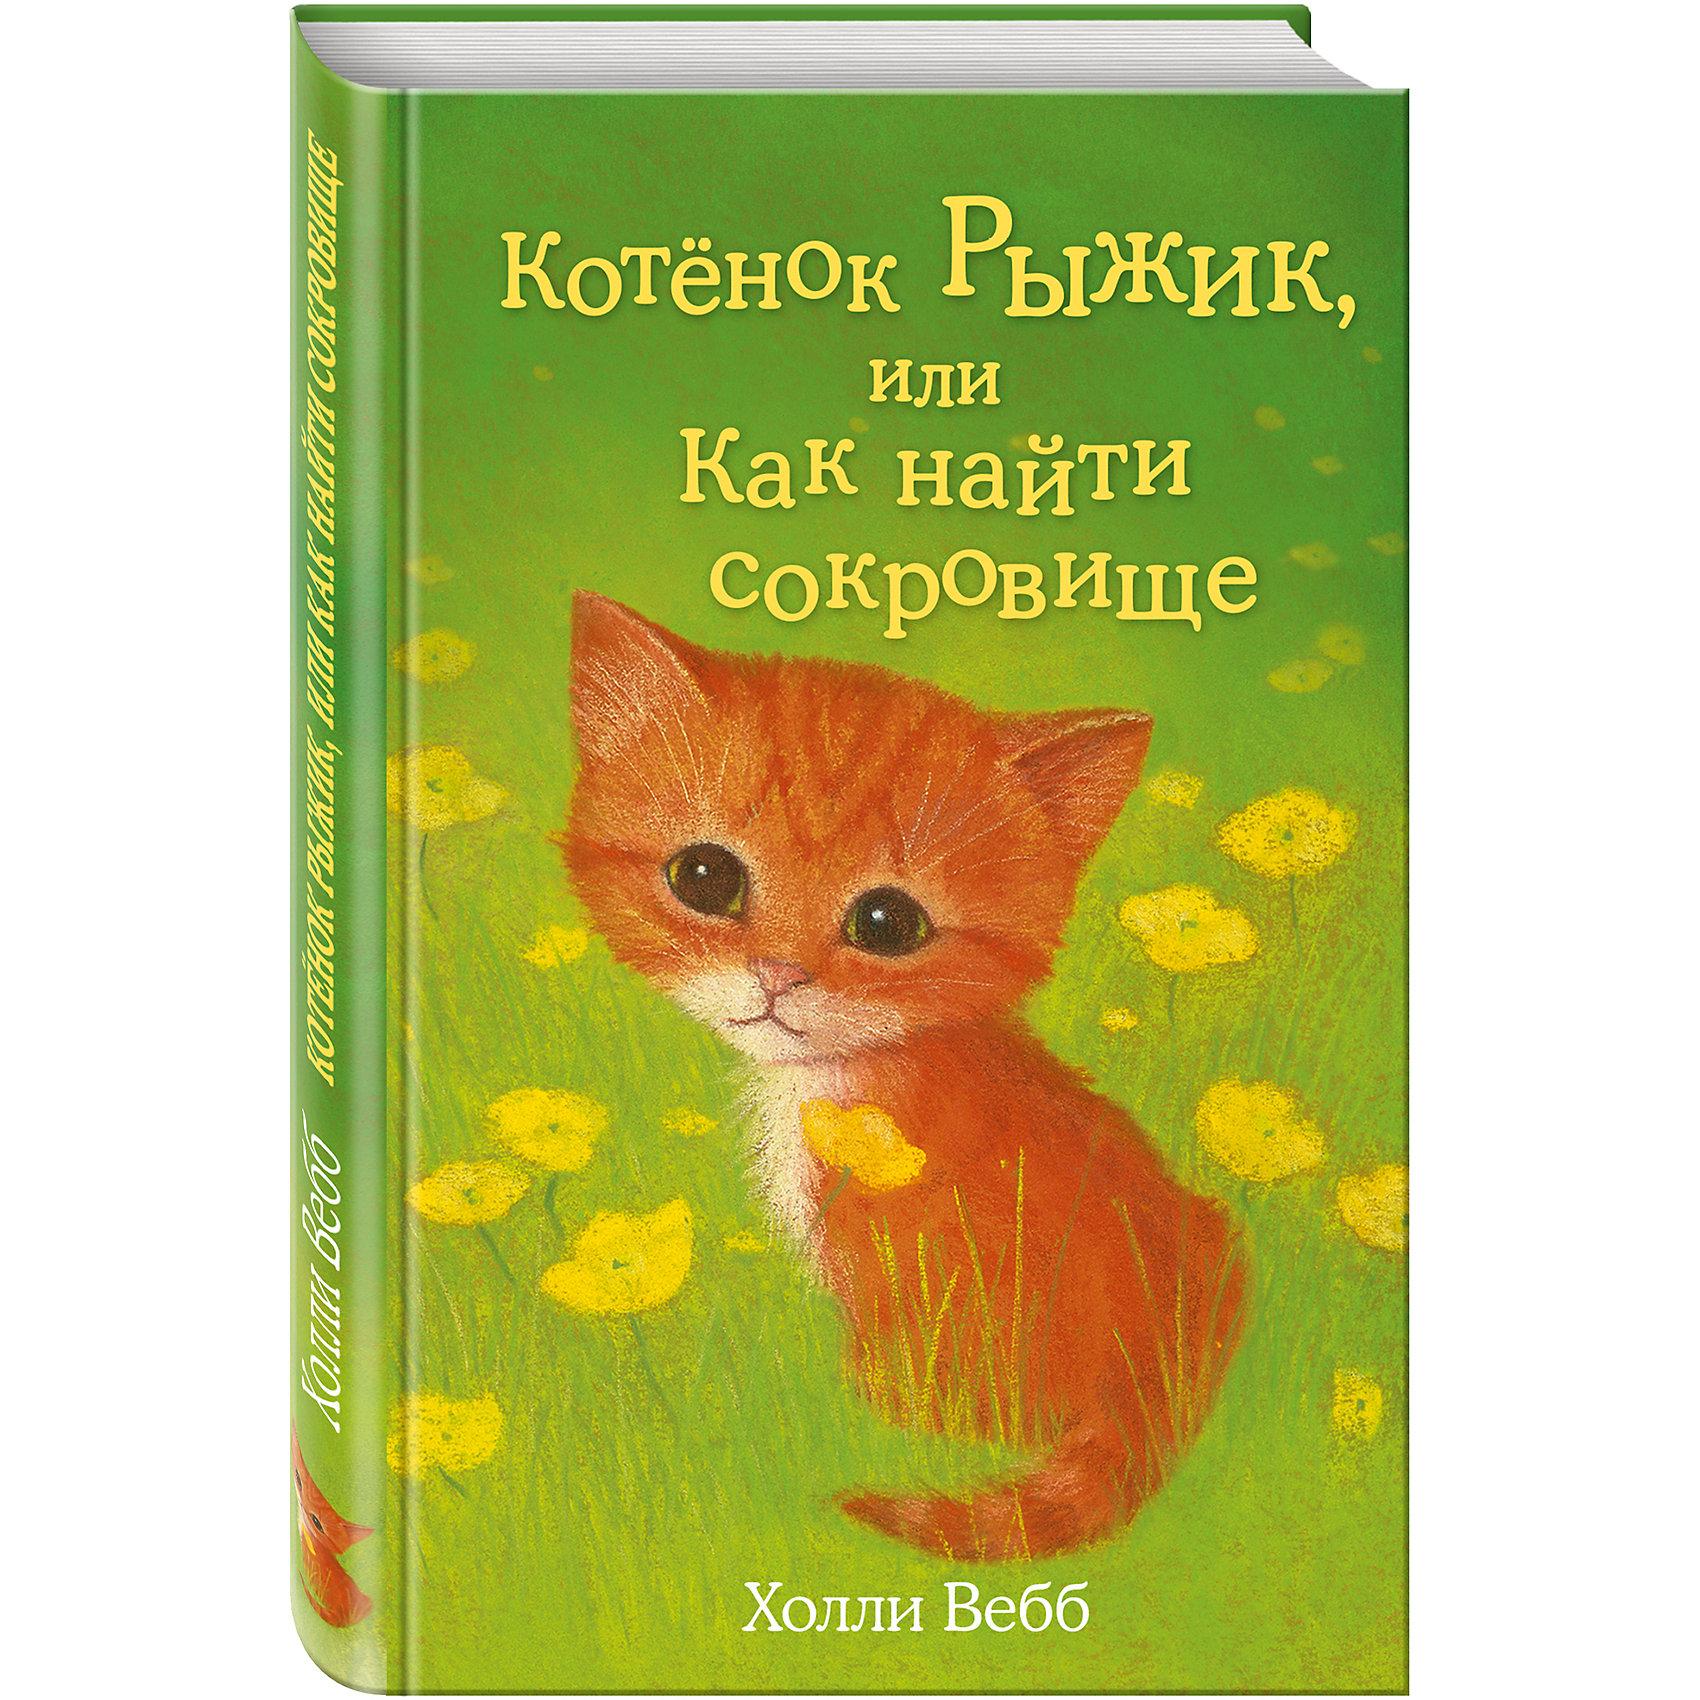 Котёнок Рыжик, или Как найти сокровищеСказки, рассказы, стихи<br>Девочка Рози давно мечтала о котенке, но мама никак не соглашалась. Так что Рози ходила на ферму неподалеку и наблюдала за живущими там котятами. Особенно ей приглянулся один, ярко-рыжий, которого она про себя так и назвала – Рыжик. Но однажды ферму продали, а всех кошек забрали сотрудники приюта. Рози очень испугалась, что никогда больше не увидит Рыжика, и даже уговорила маму взять его к себе. Но, когда они приехали в приют, оказалось, что Рыжика там нет! <br>Куда же он пропал? И где его искать? Неужели маленькое рыжее счастье не поселится в доме у Рози?<br><br>Ширина мм: 200<br>Глубина мм: 125<br>Высота мм: 12<br>Вес г: 256<br>Возраст от месяцев: 36<br>Возраст до месяцев: 72<br>Пол: Унисекс<br>Возраст: Детский<br>SKU: 4753485